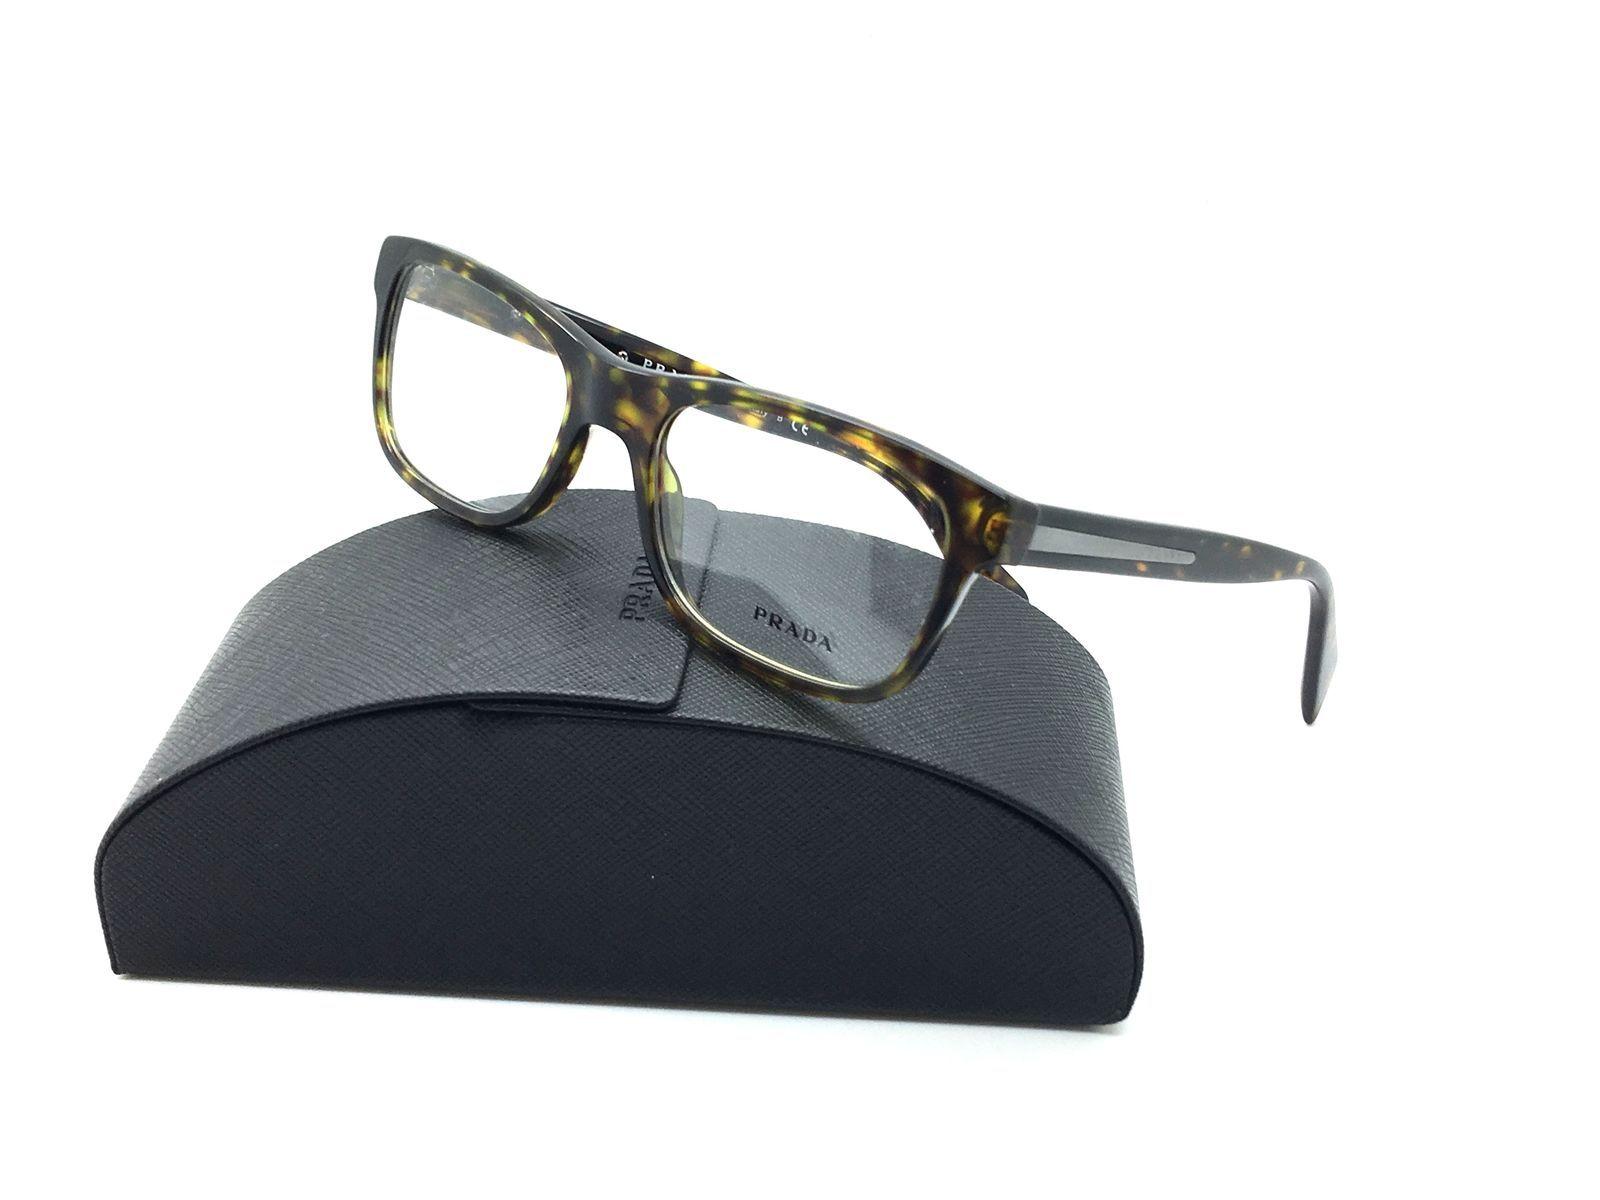 11e6466bce6 Prada Tortoise Eyeglasses 19P 2AU 1O1 53 mm and 50 similar items